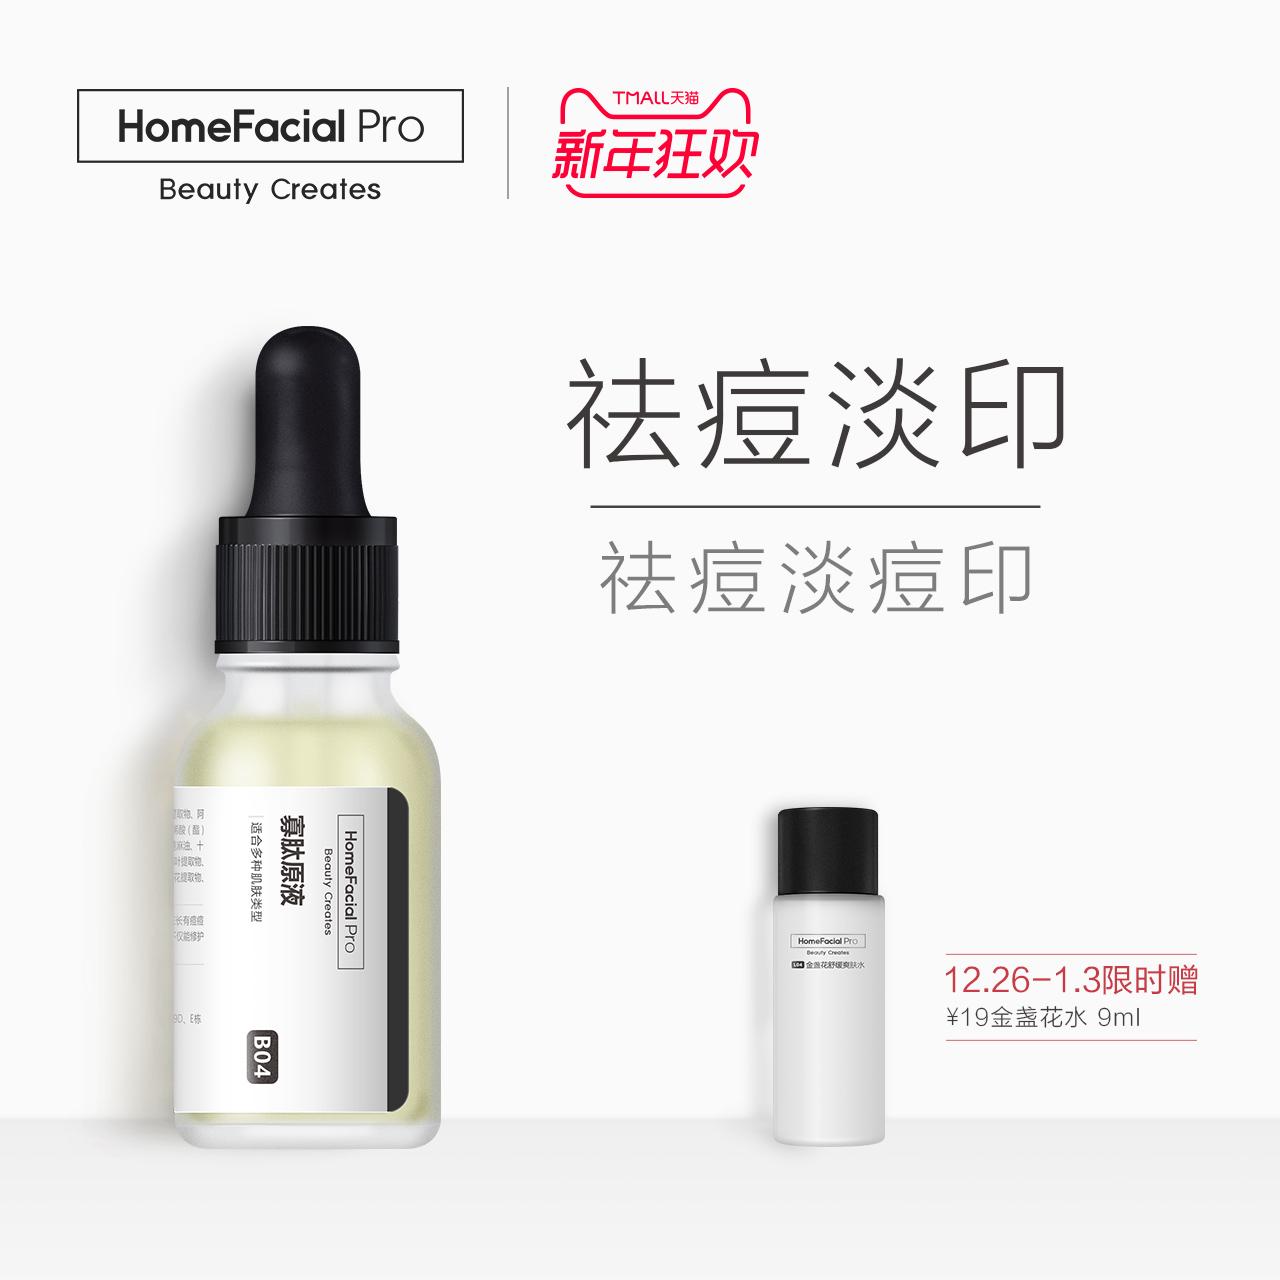 HFP EGF寡肽原液 淡化痘印修护痘疤去粉刺 祛痘产品精华液男女